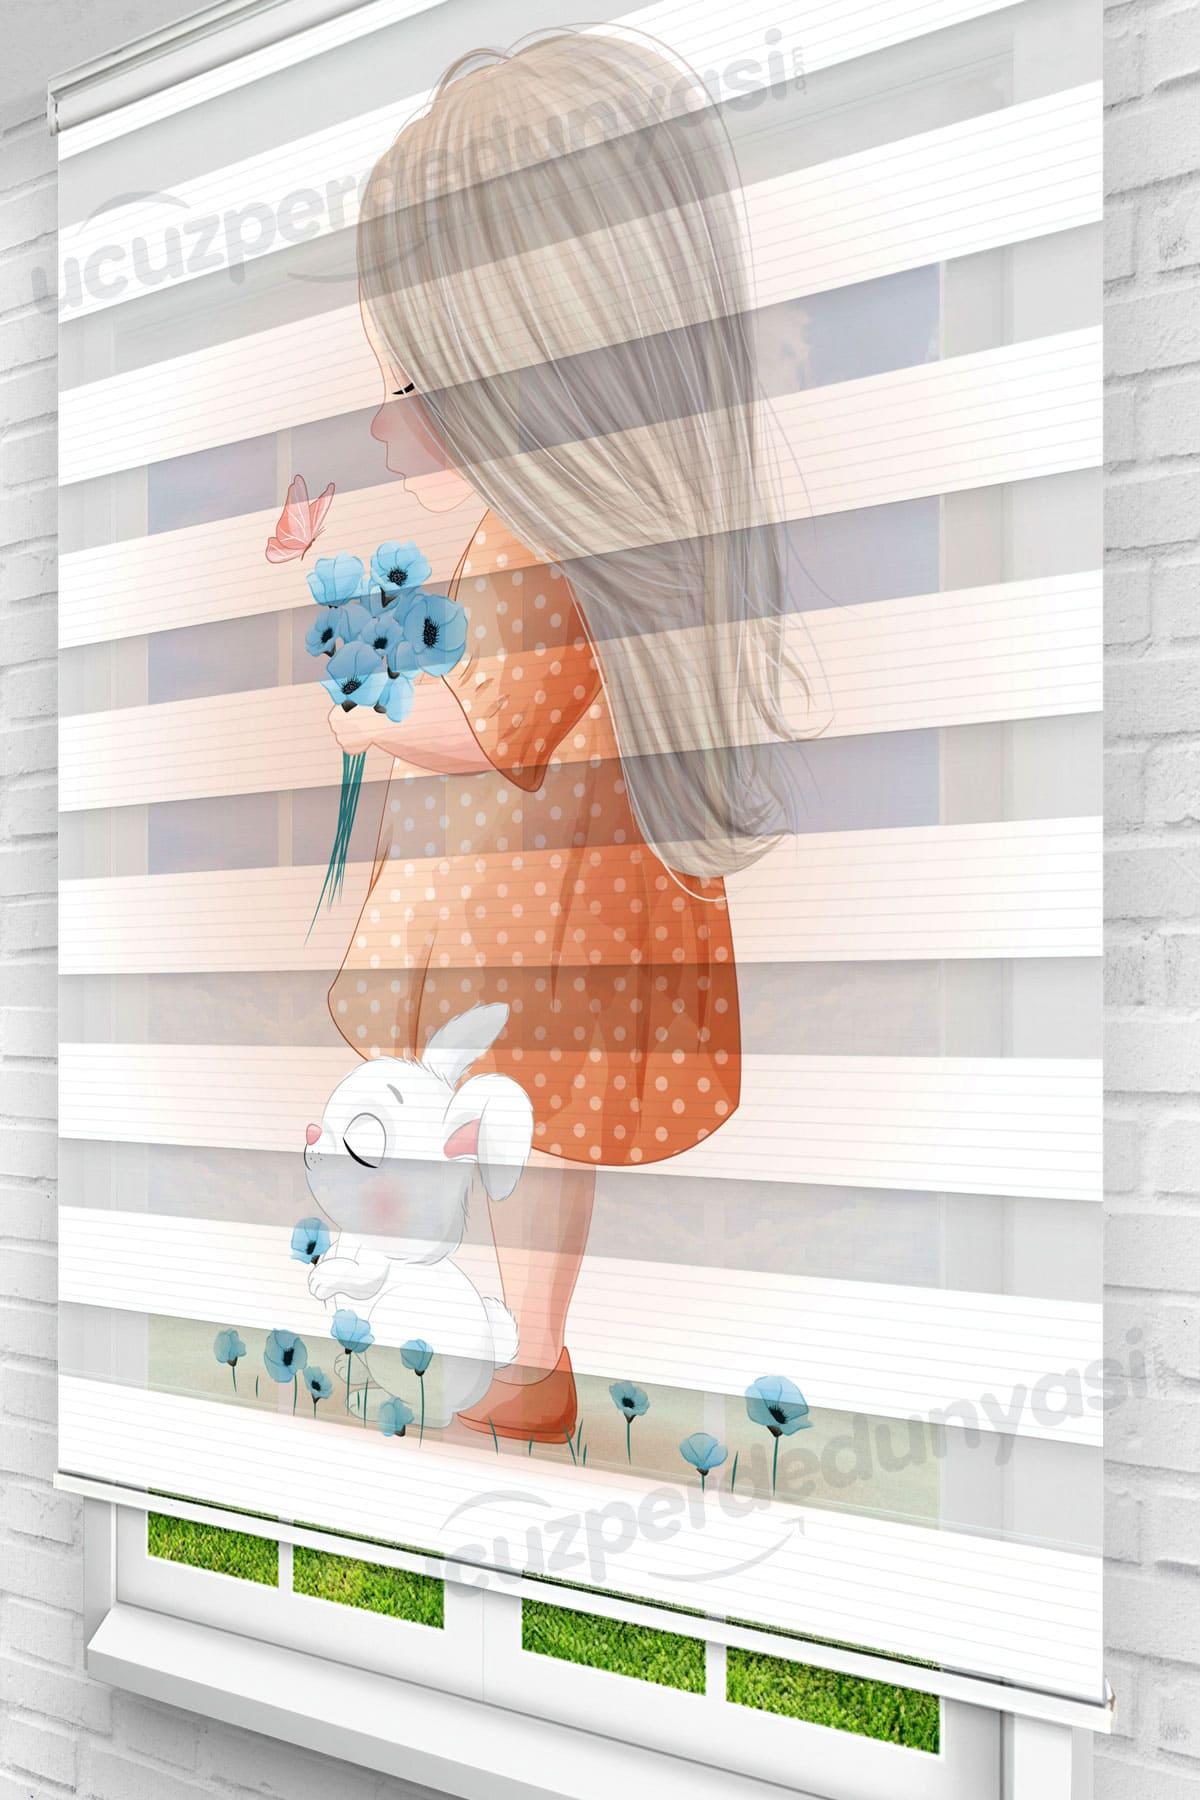 Turuncu Kız Çocuk Odası Zebra Perde